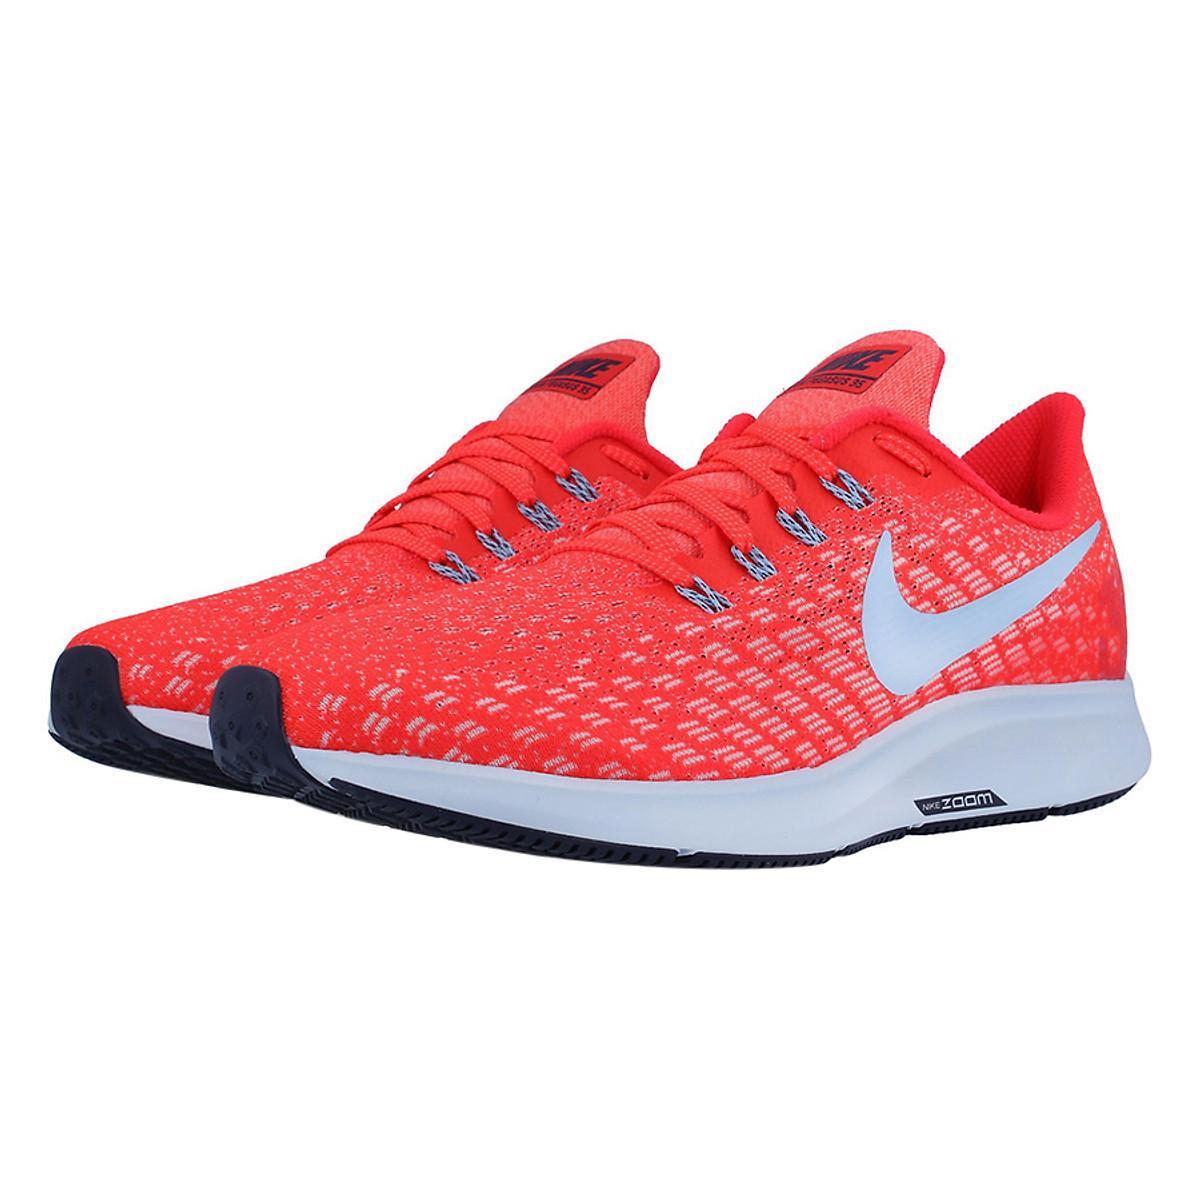 Đánh giá chi tiết Giày Nike nữ Air Zoom Pegasus 35